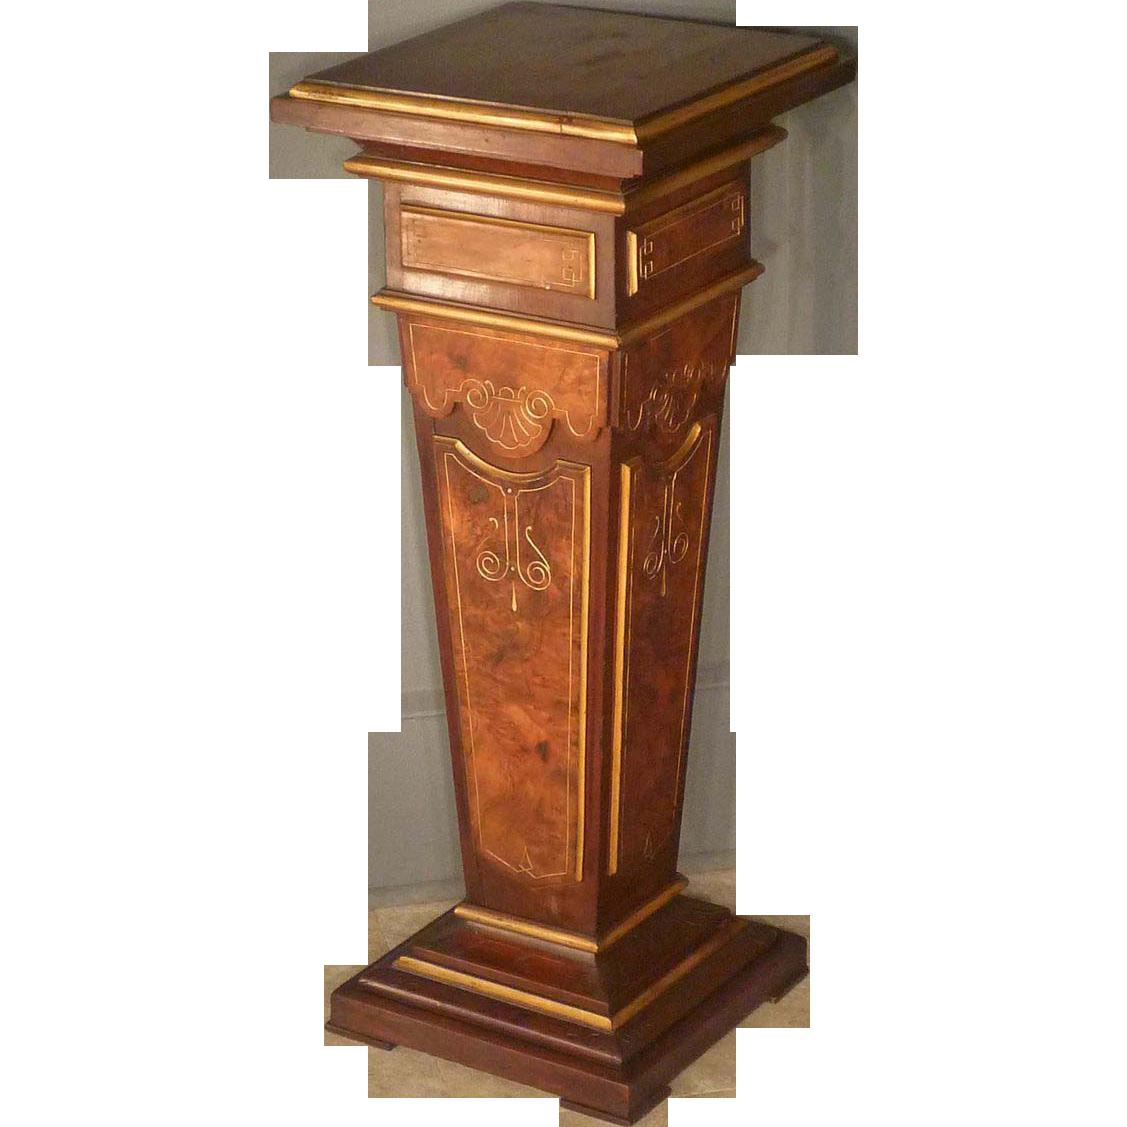 Victorian Renaissance Revival Pedestal